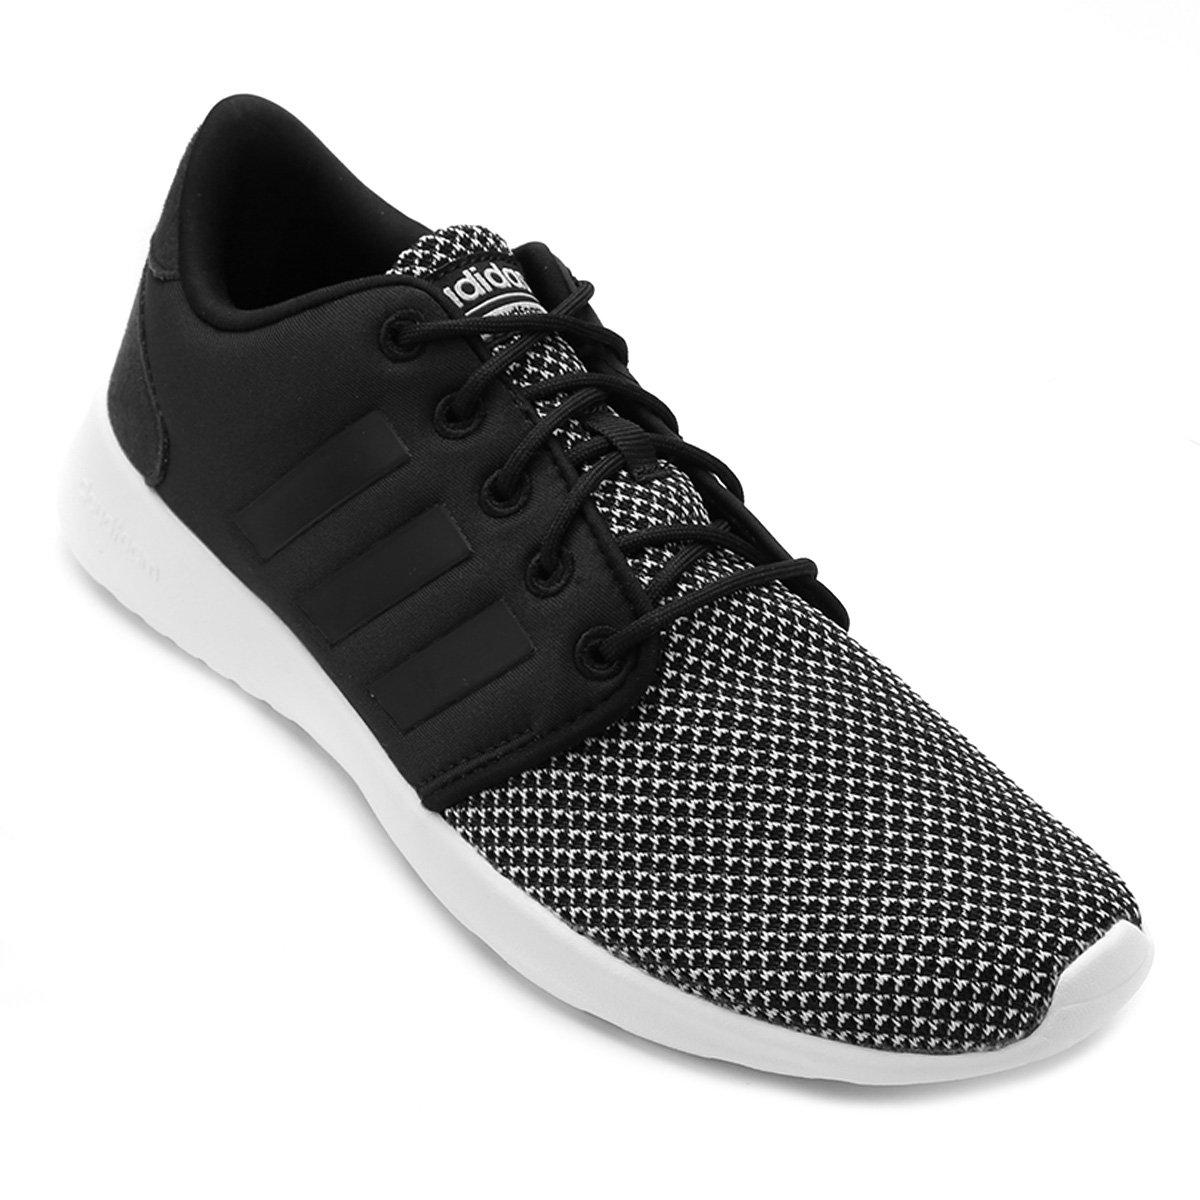 Tênis Adidas CF QT Racer Feminino - Preto - Compre Agora  8fdb87dcce4d6